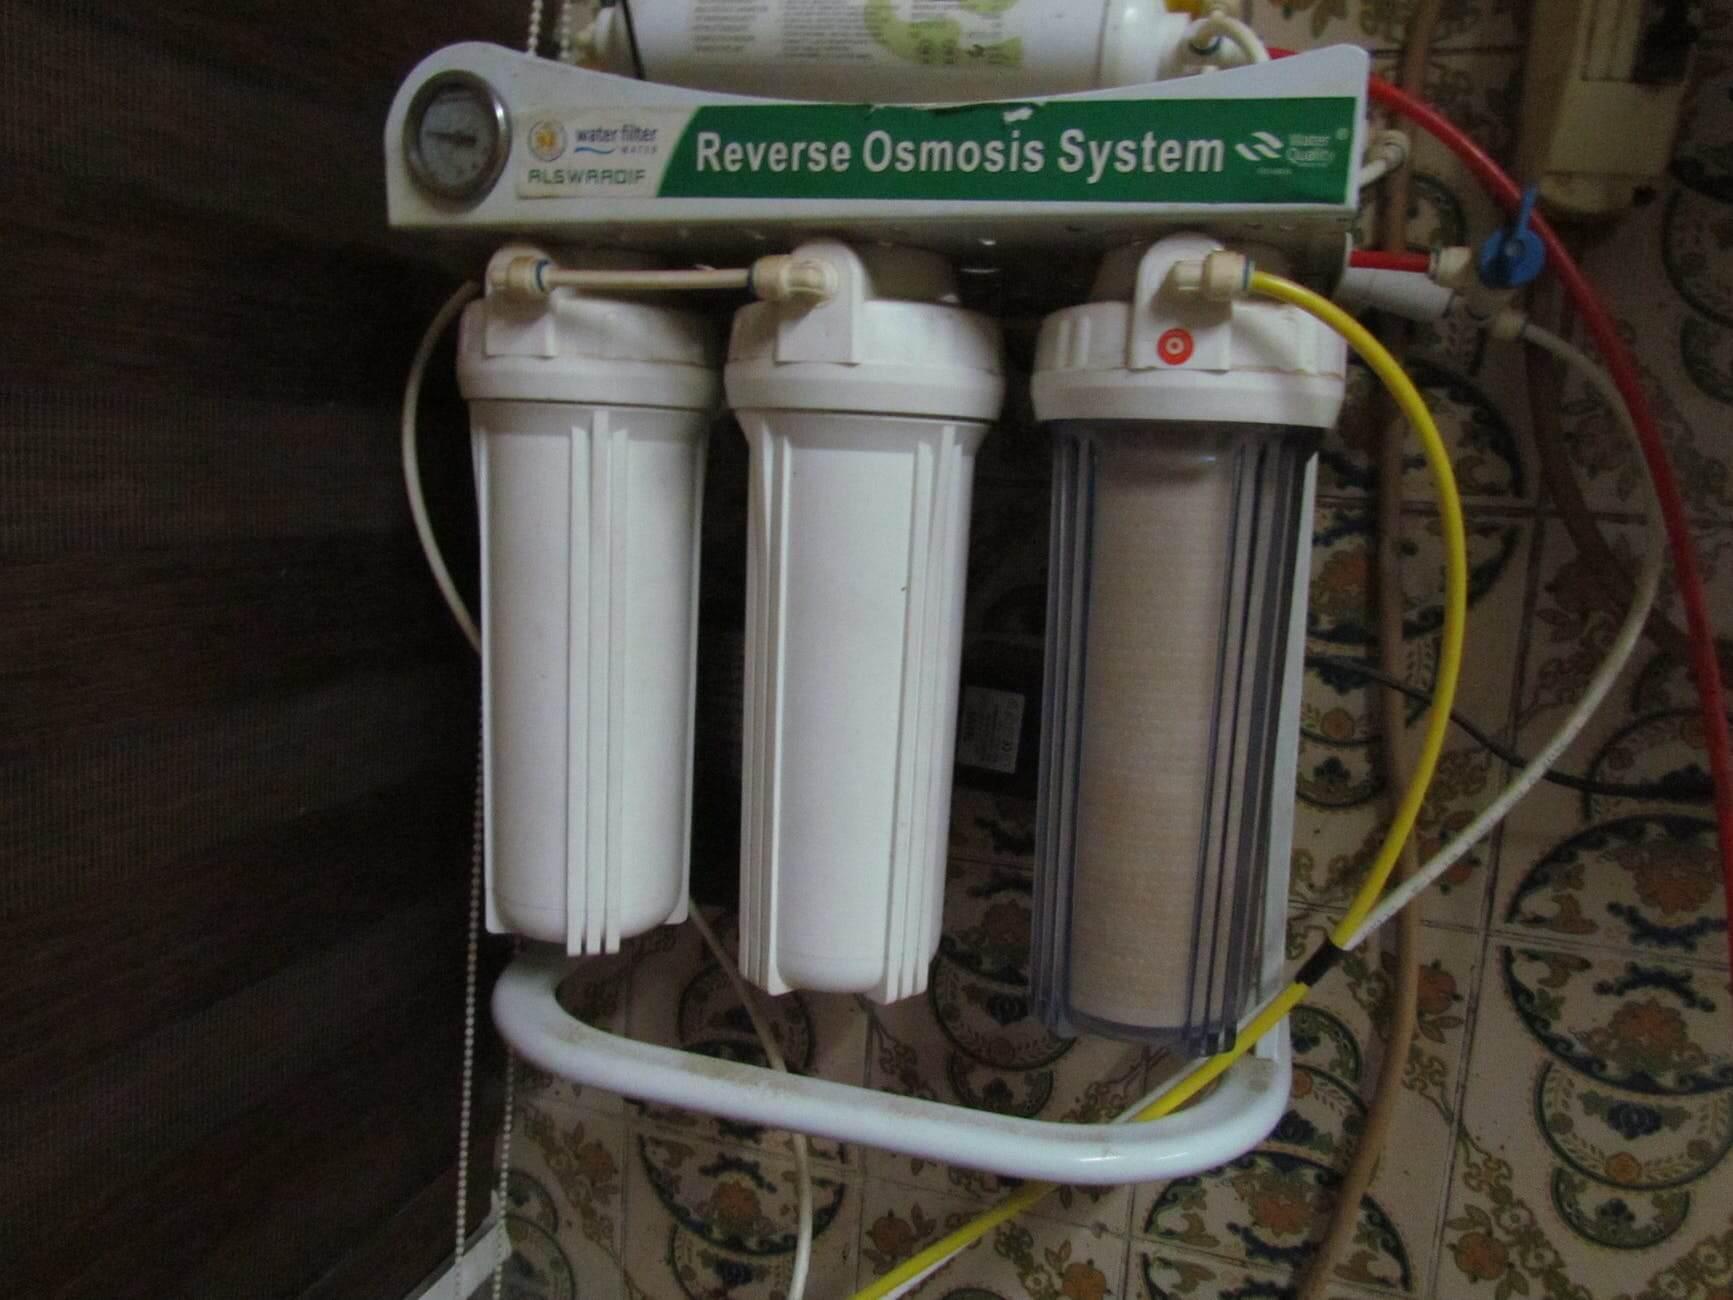 Reverse Osmosis System Closeup